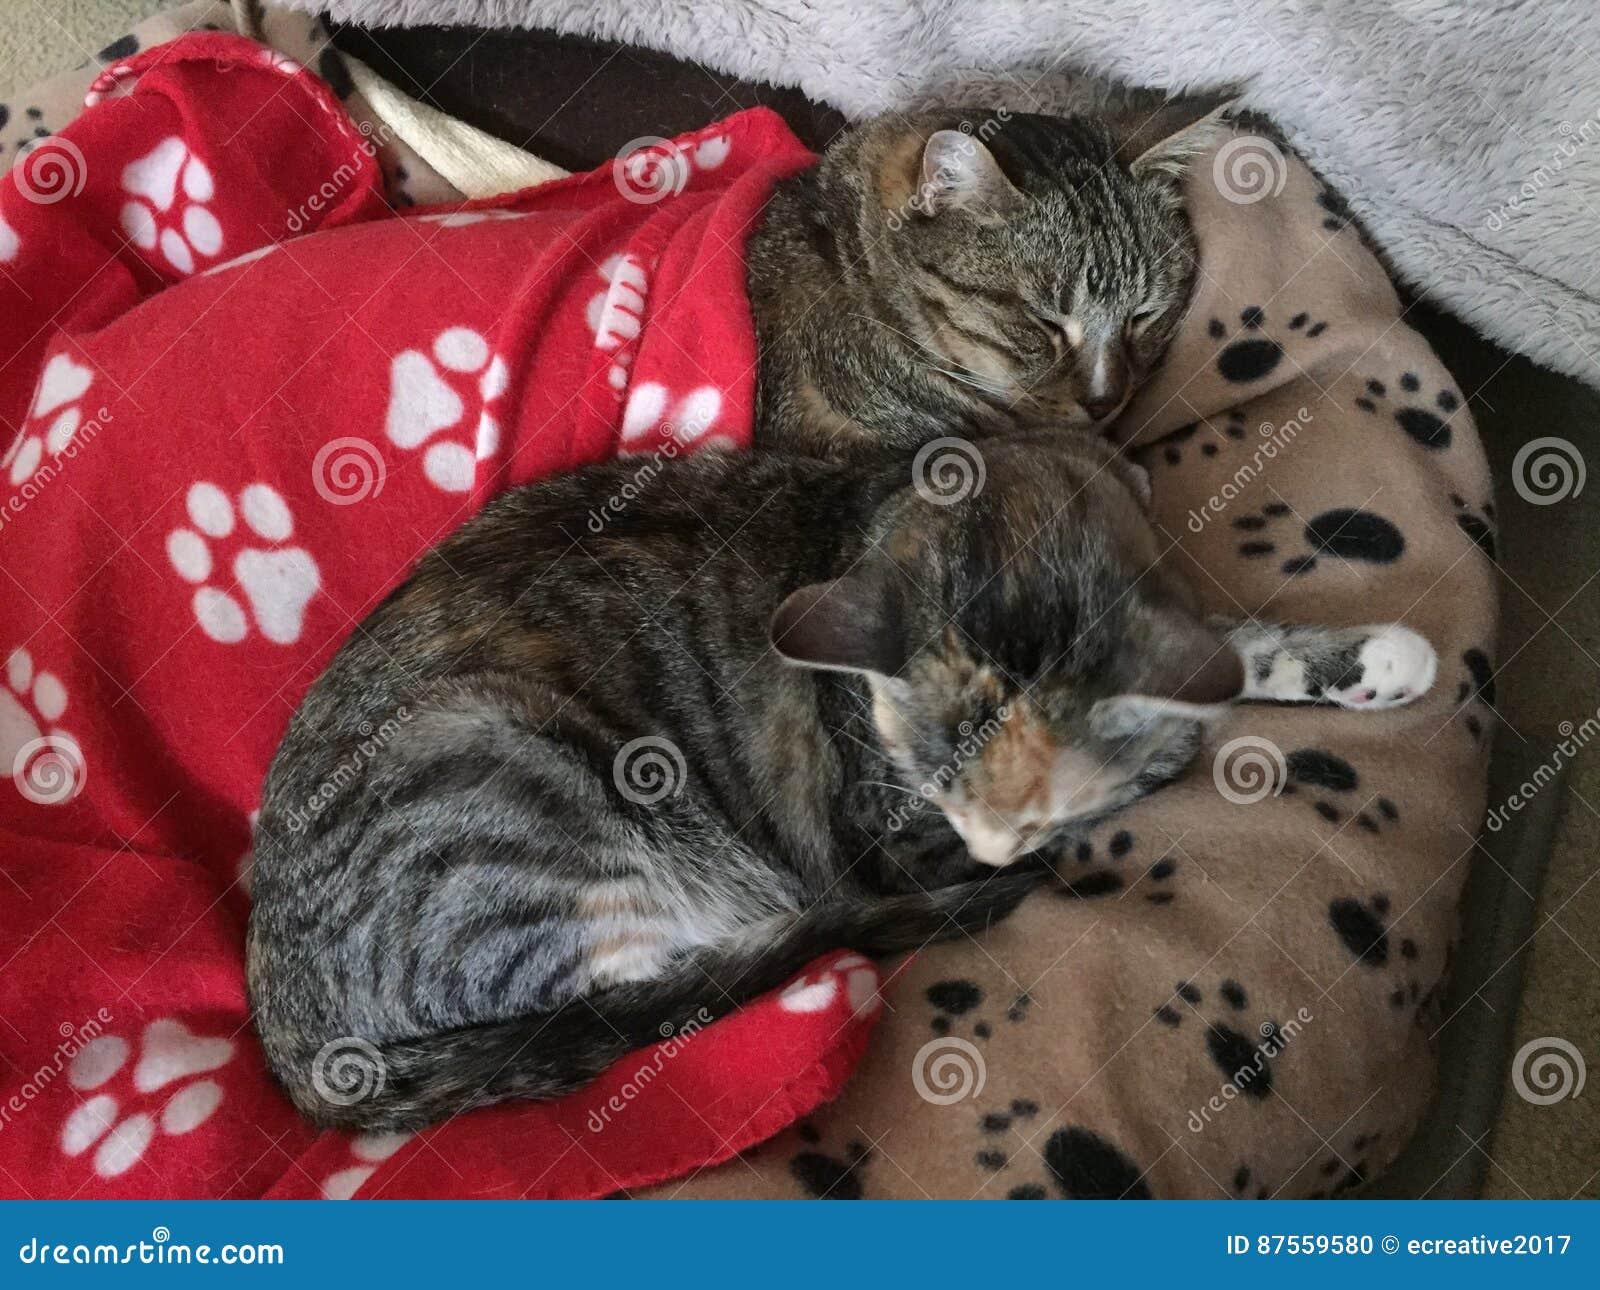 Fratello e sorella Tabby Cats Resting